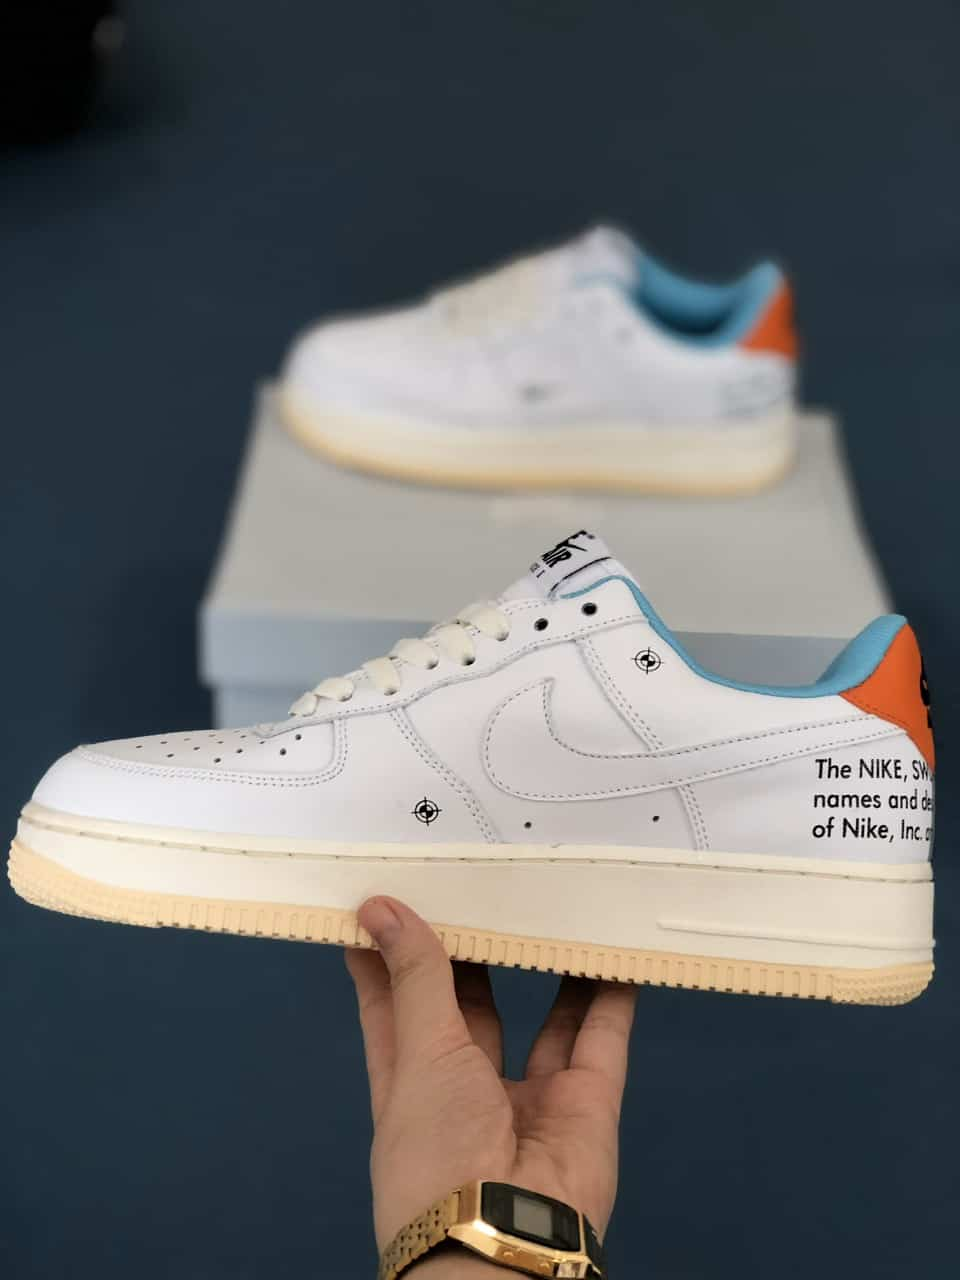 Giày Nike Air Force 1 Off White Rep 1:1 có thêm những chi tiết chữ viết khiến giày thêm phần ấn tượng